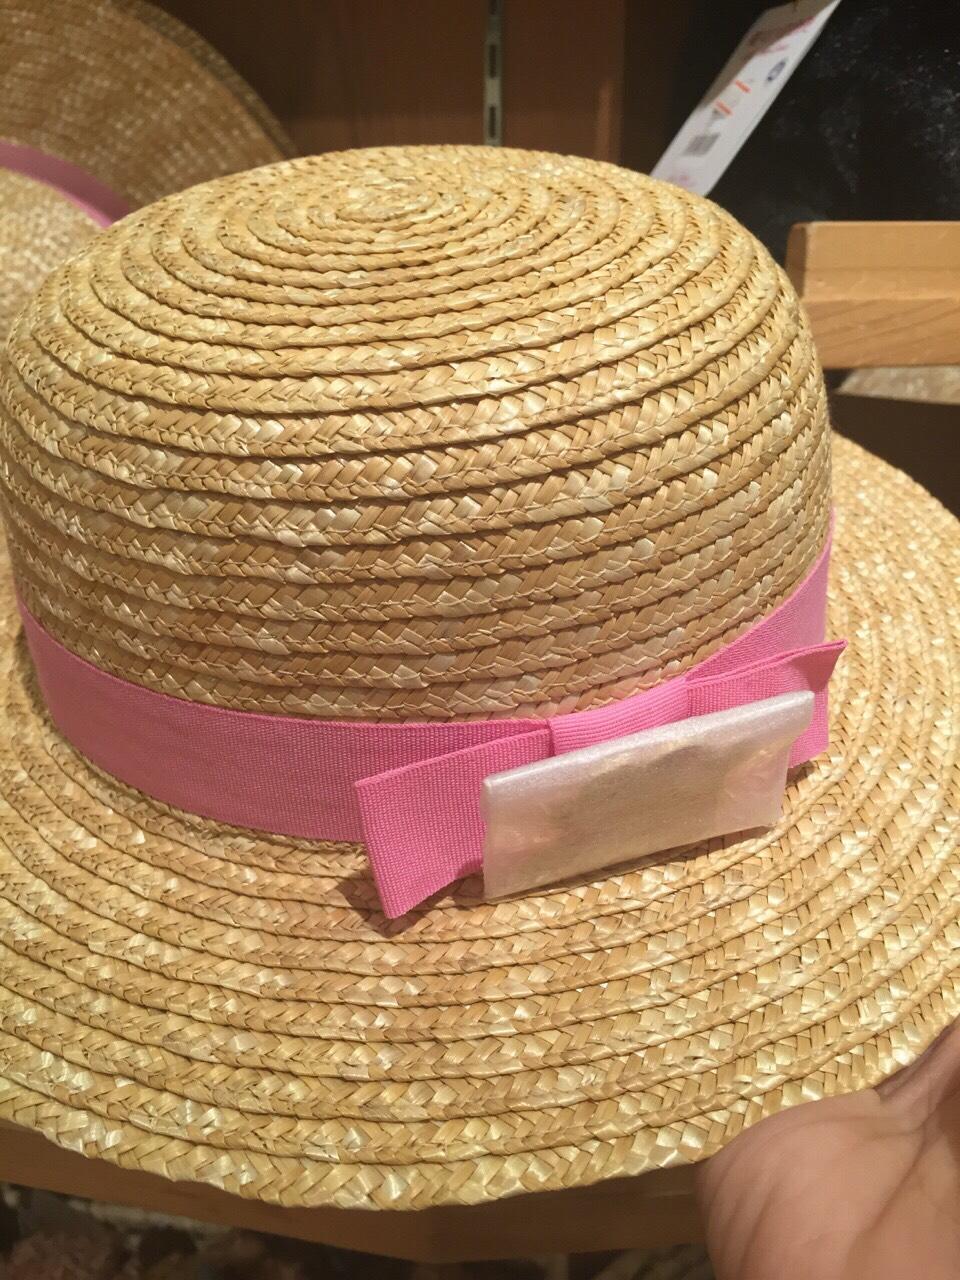 【真愛日本】15101400035 草帽-龍貓小梅54cm 帽子 預購 宮崎駿 龍貓 月 配件 草帽 防曬用品